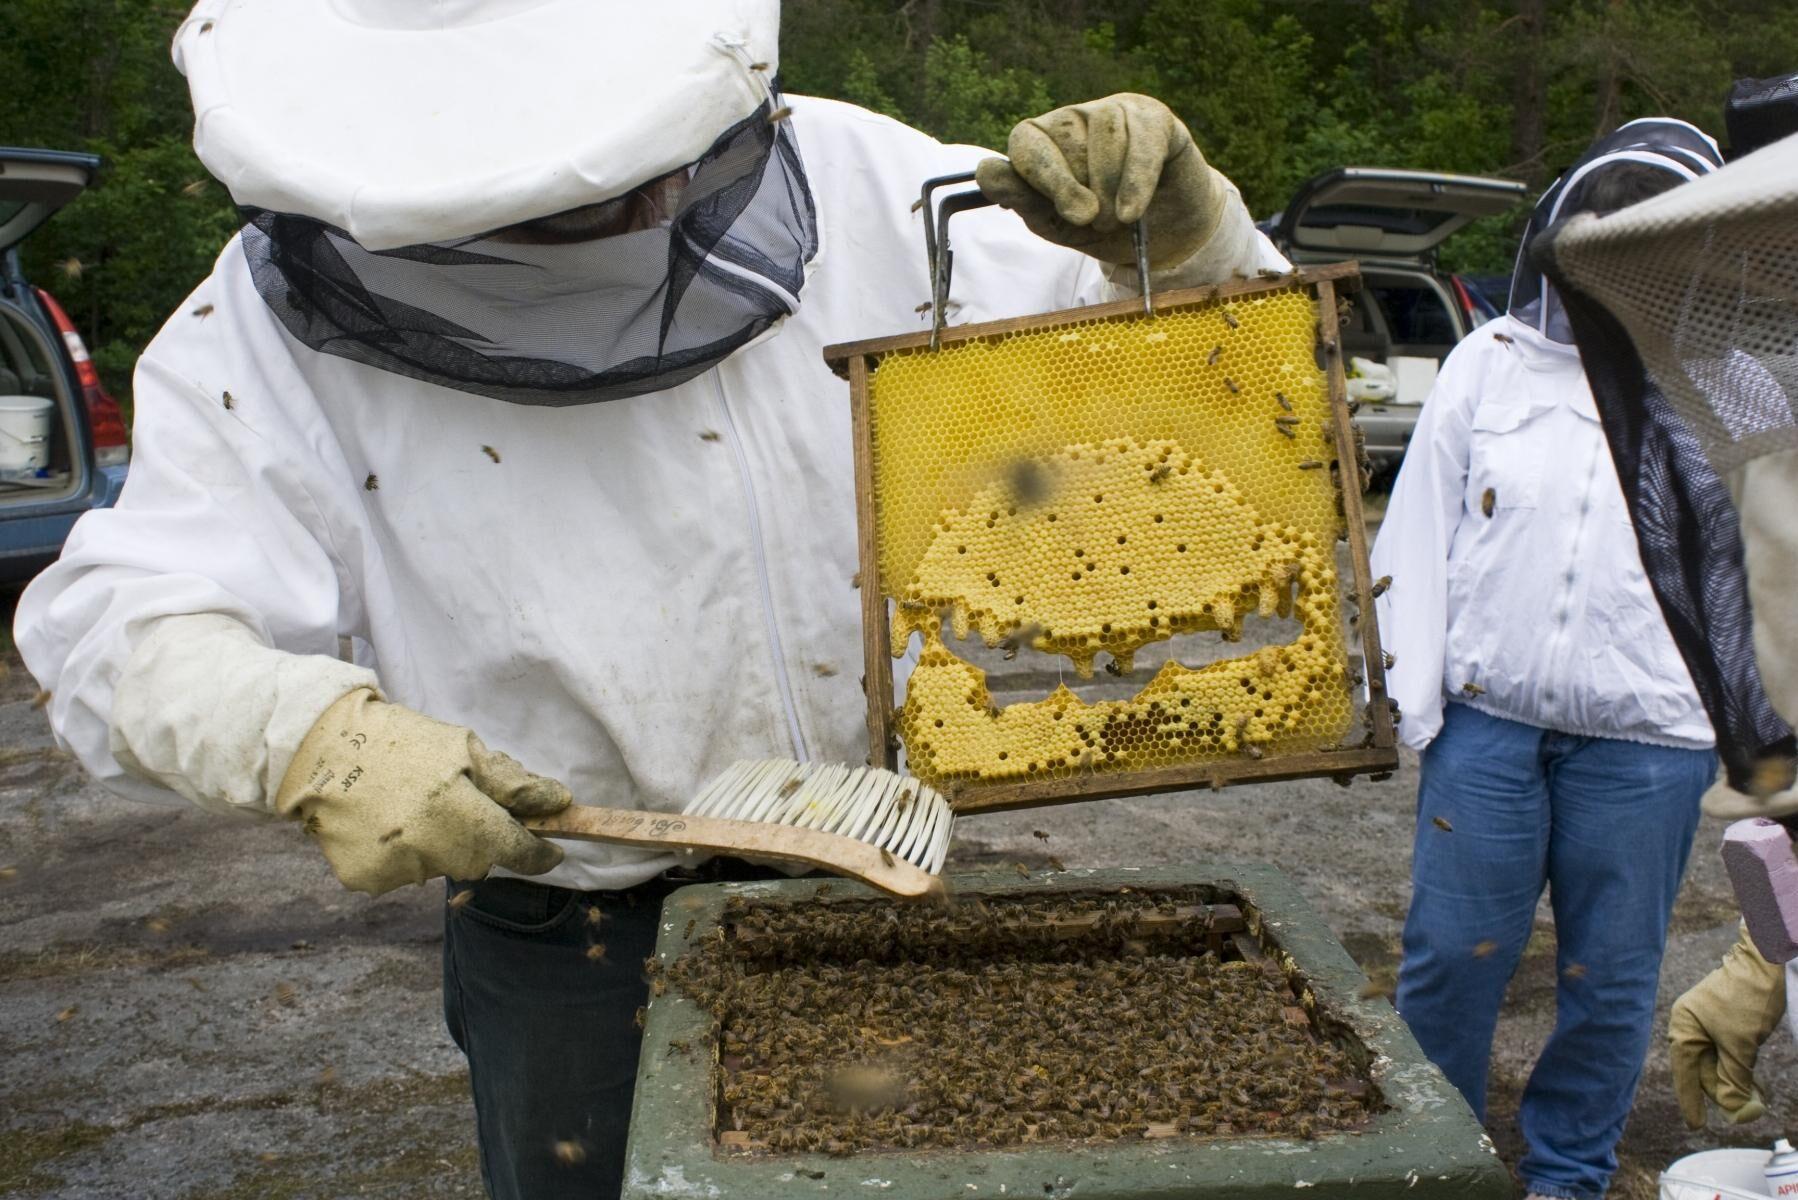 Stölder och skadegörelse mot biodlare innebär stora förluster, och inte bara för den enskilde biodlaren.